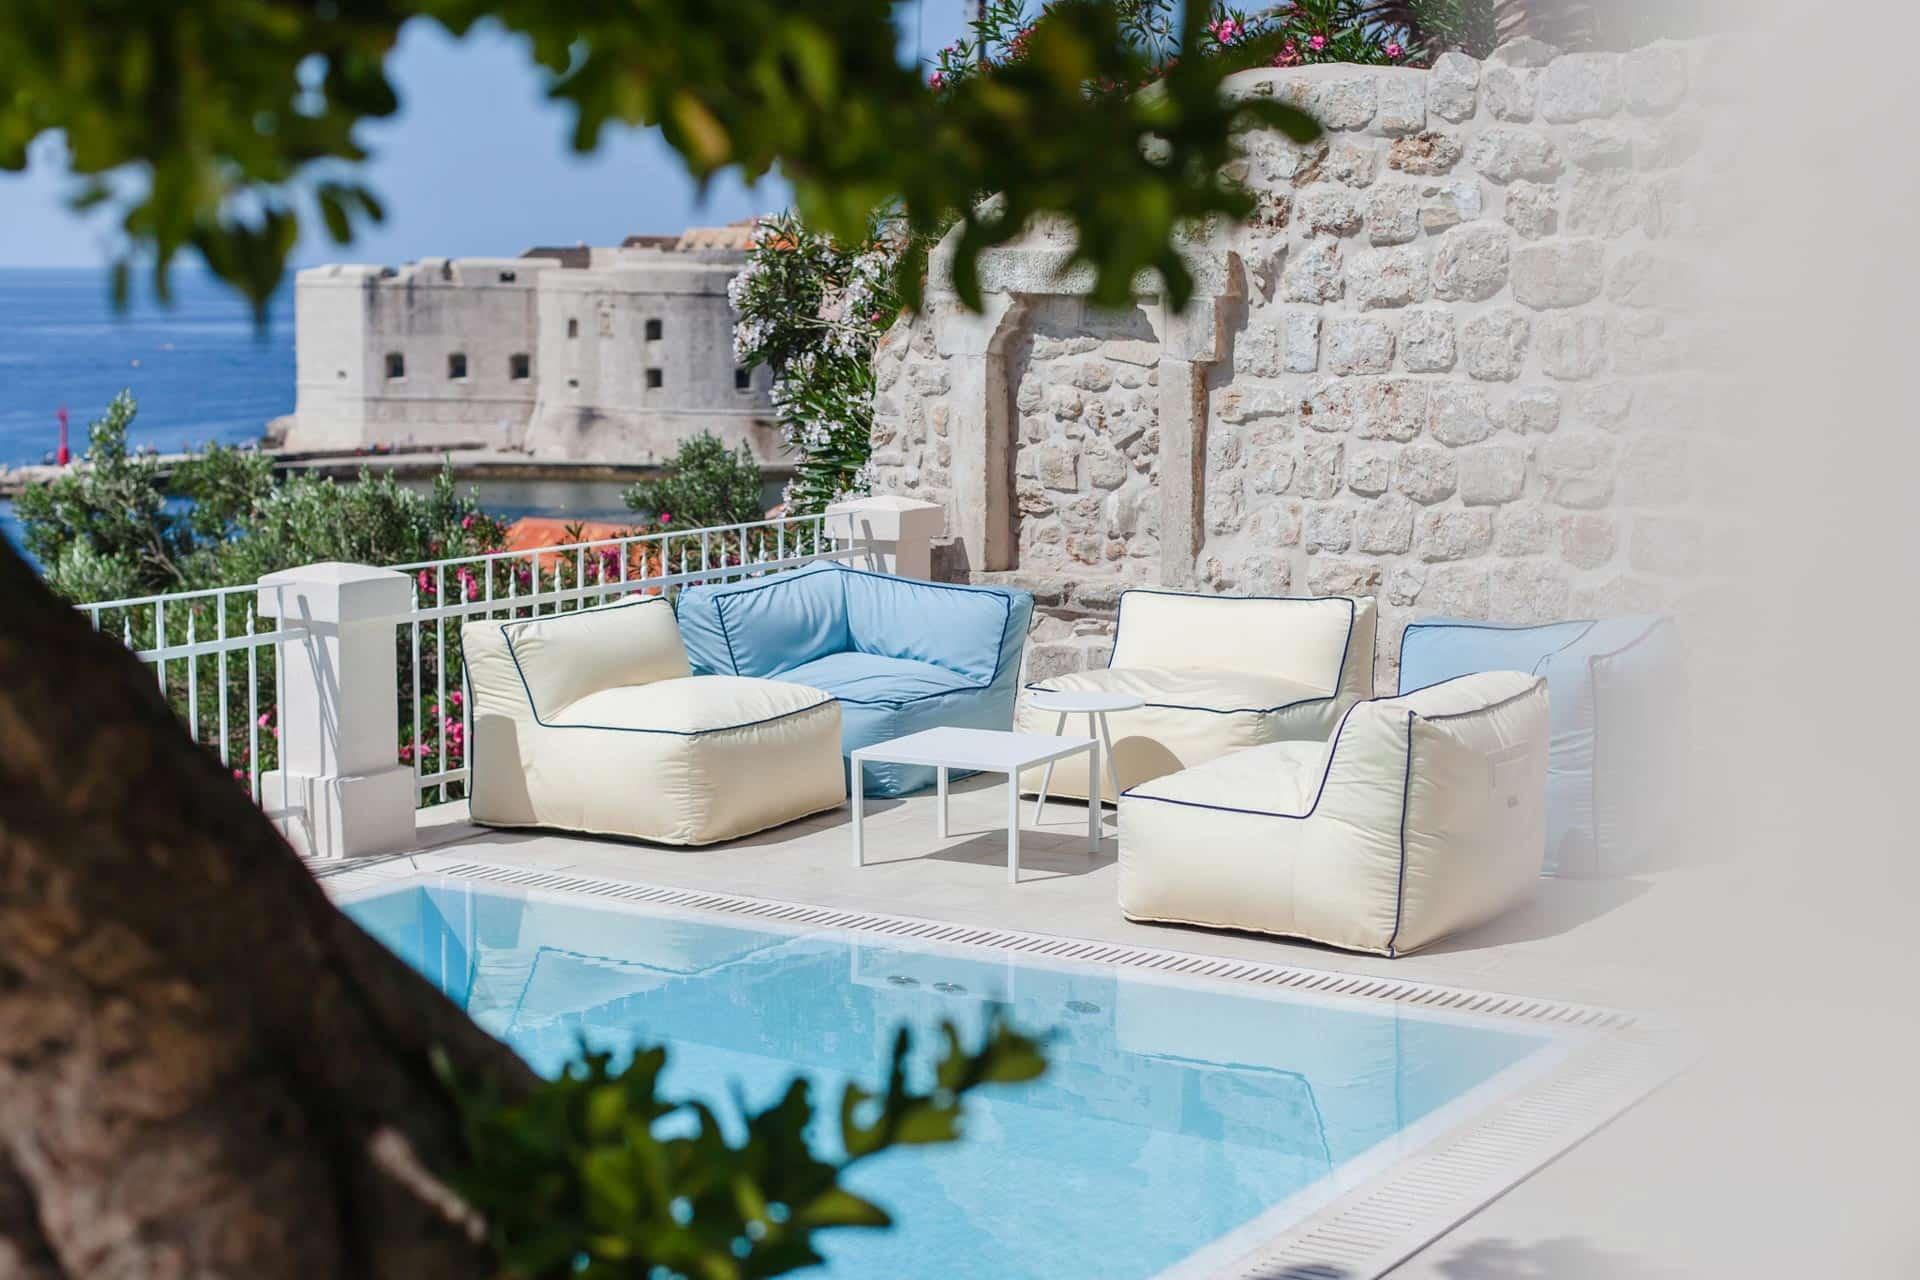 Luksuzna vila s grijanim bazenom i pogledom